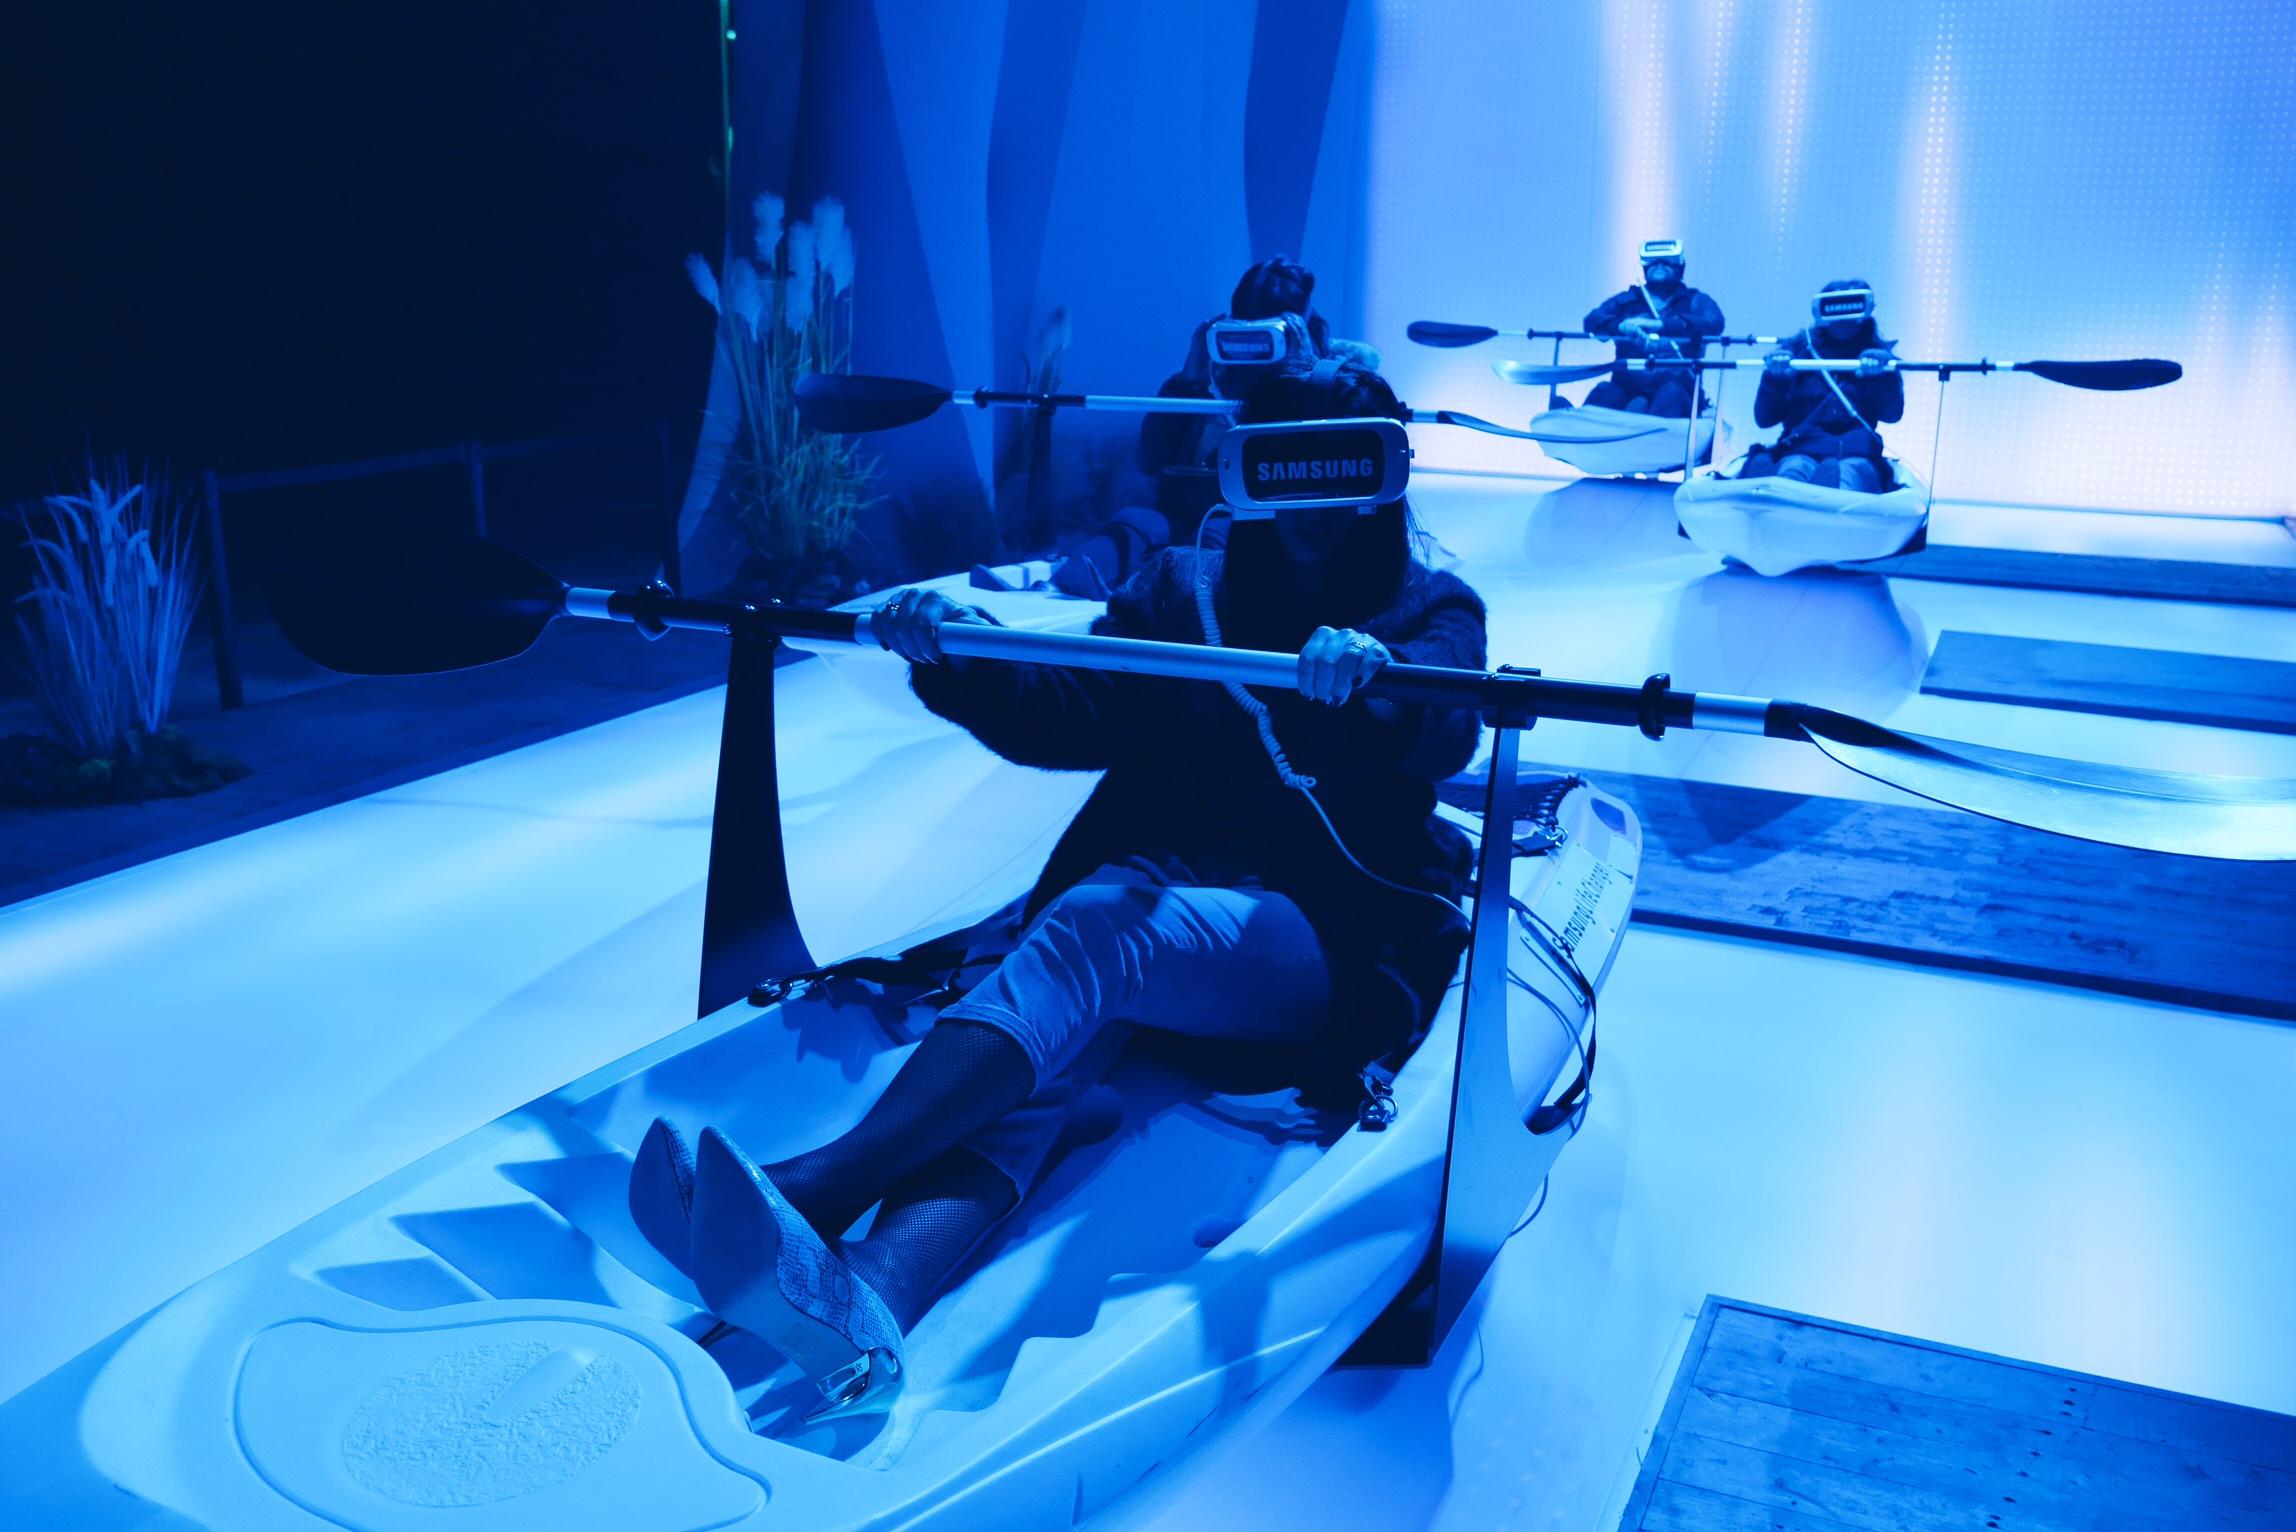 Kayak-Samsung-Life-Changer-Park-parc-réalité-virtuelle-Gear-VR-Grand-Palais-des-Glaces-Paris-photos-usofparis-blog